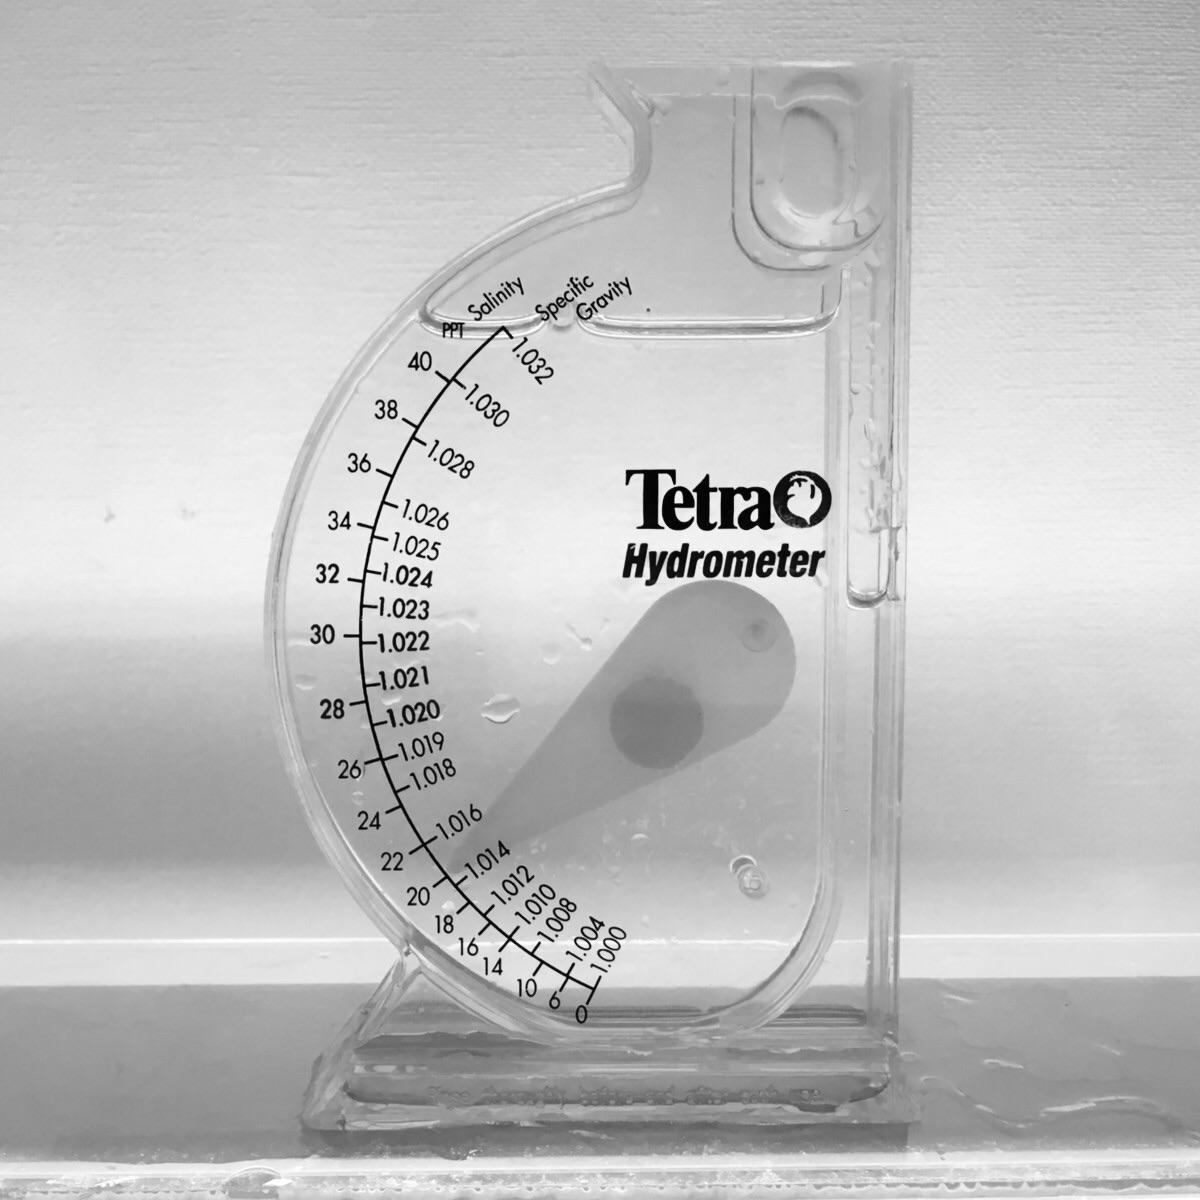 テトラ社の塩分計